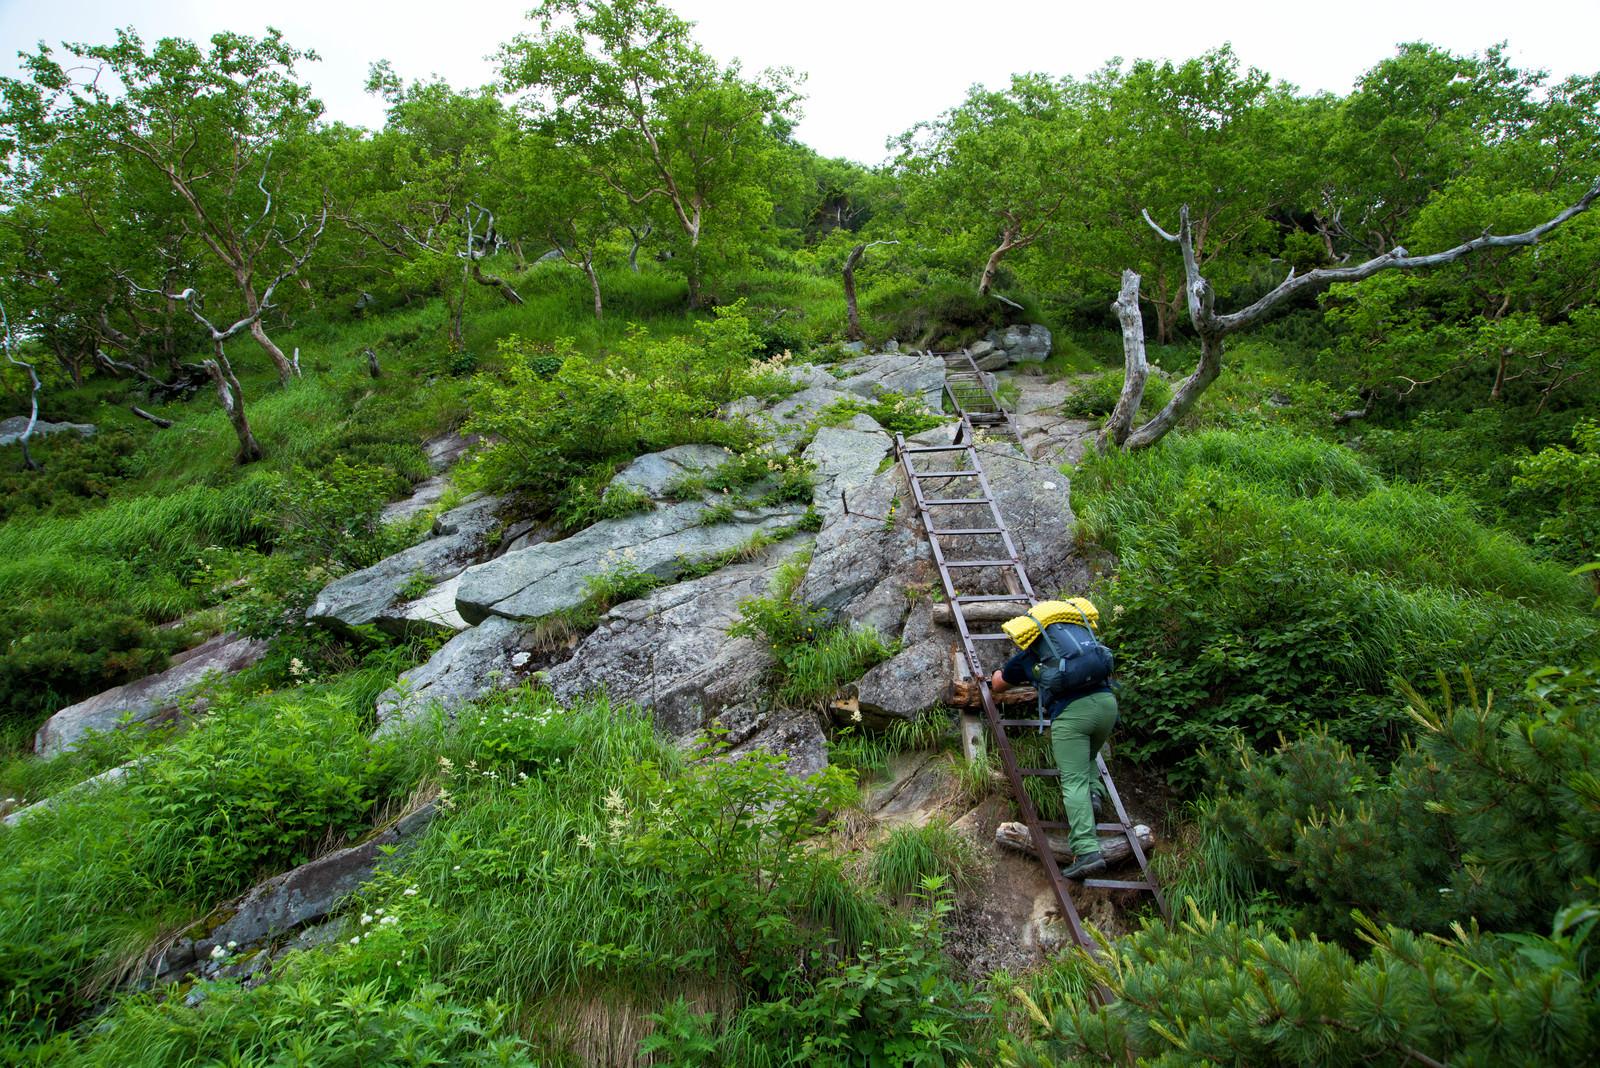 「重太郎新道の梯子場に挑む登山者」の写真